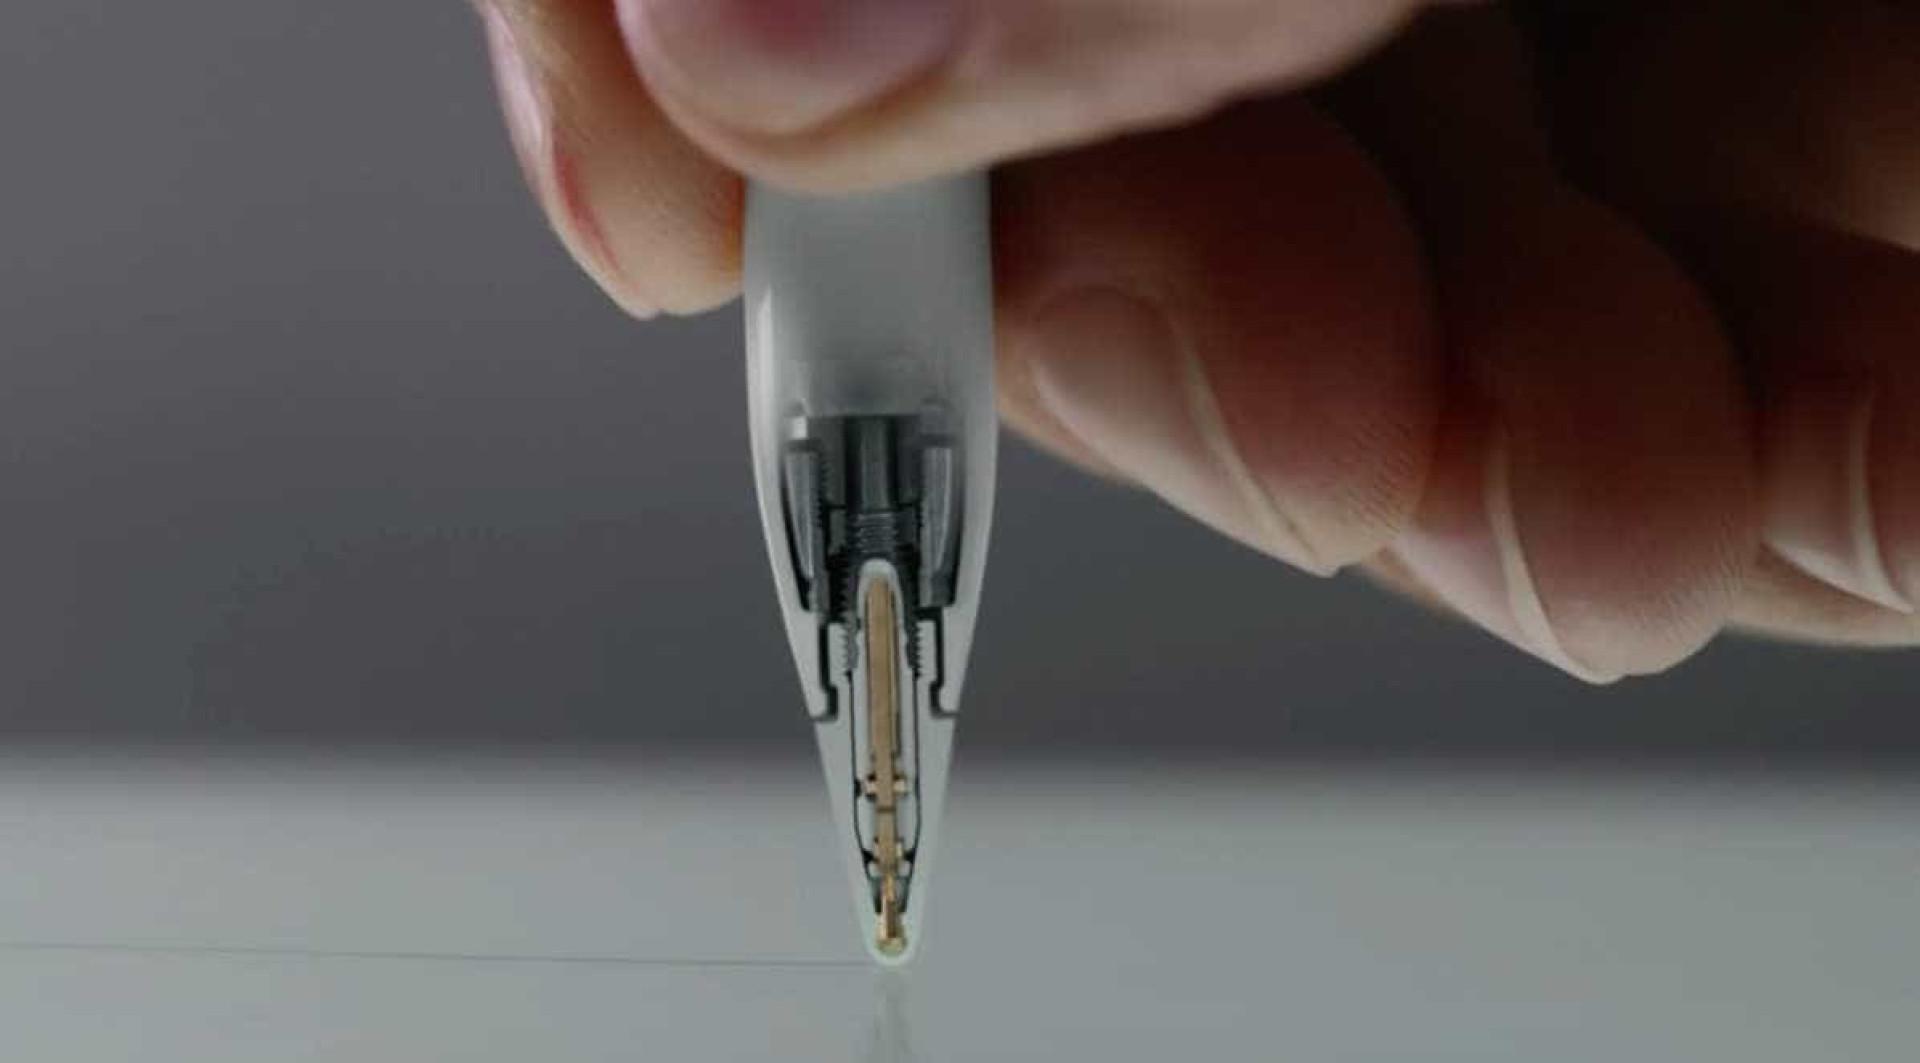 Usar 'caneta' no iPhone? Há novas pistas